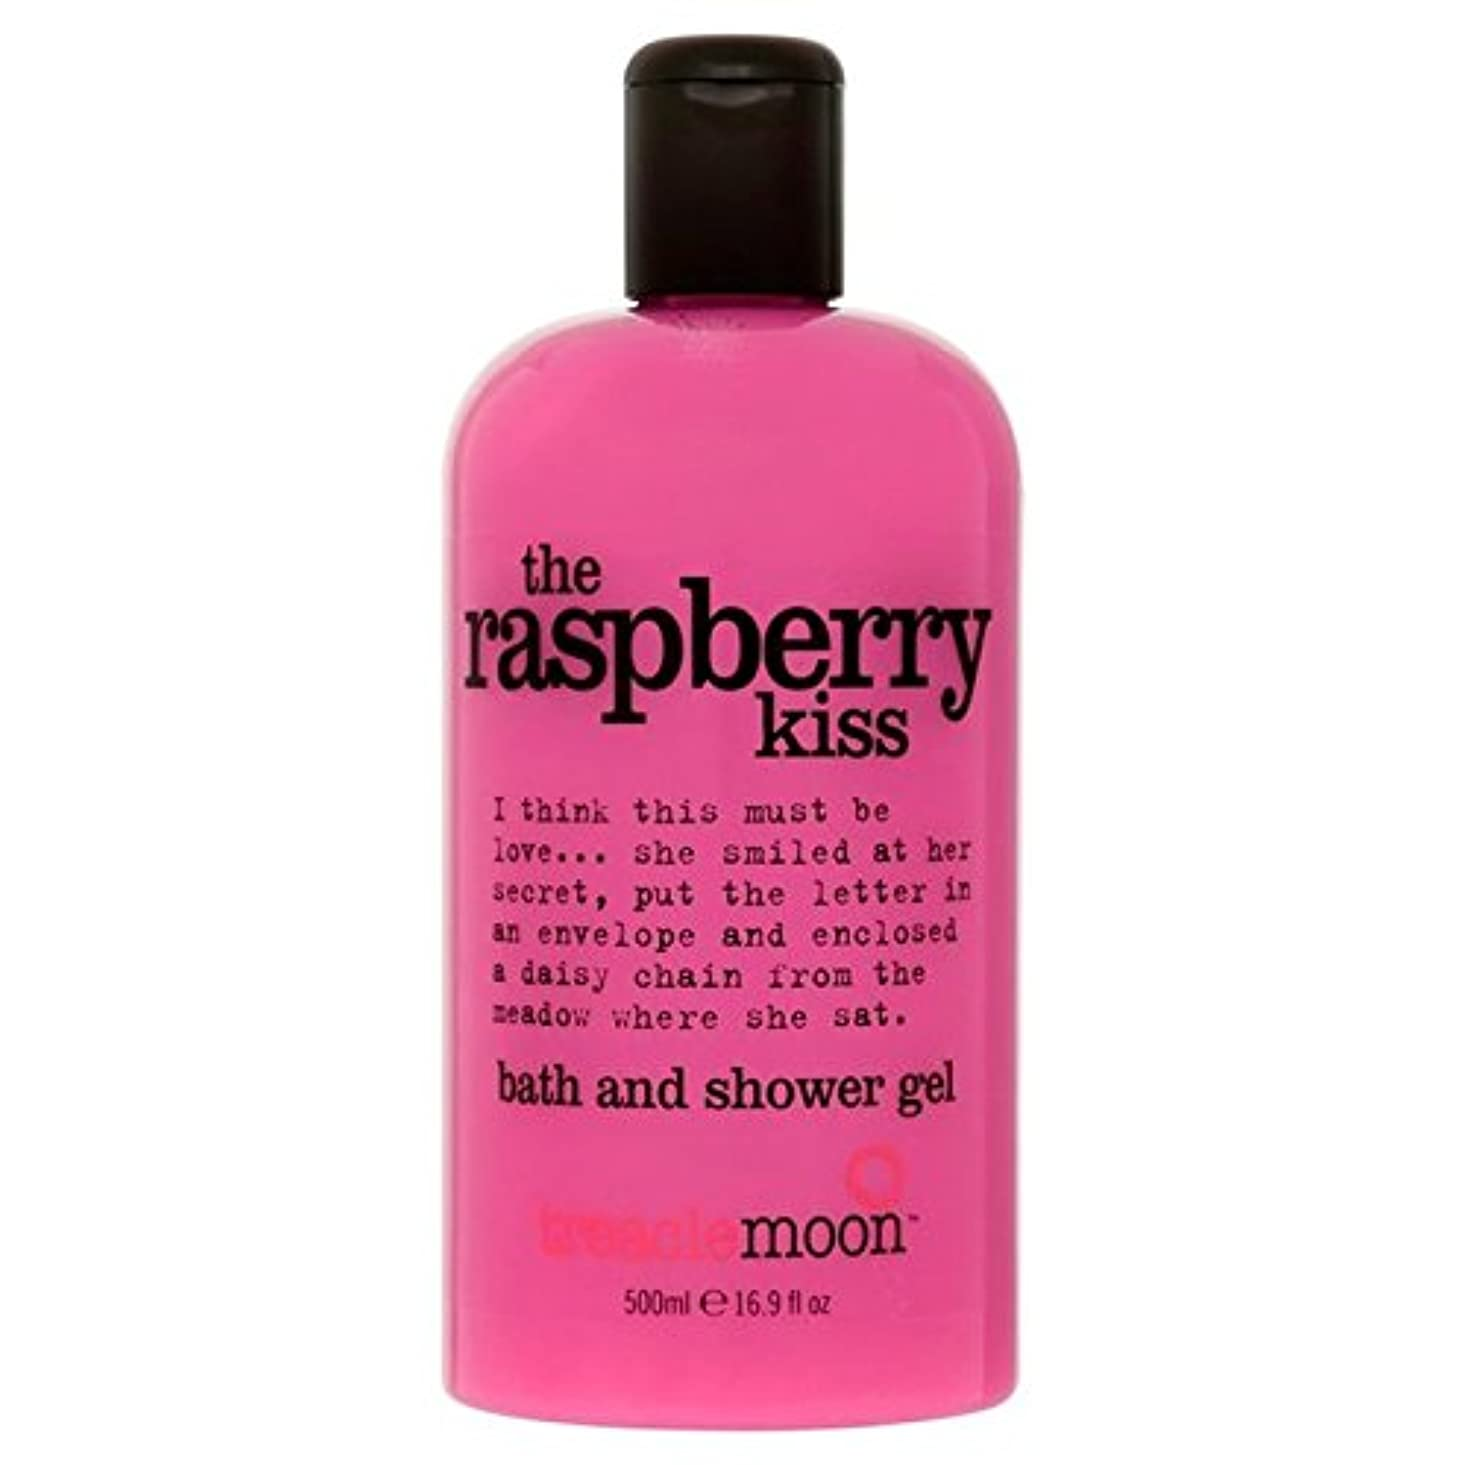 糖蜜ムーンラズベリーバス&シャワージェル500ミリリットル x2 - Treacle Moon Raspberry Bath & Shower Gel 500ml (Pack of 2) [並行輸入品]